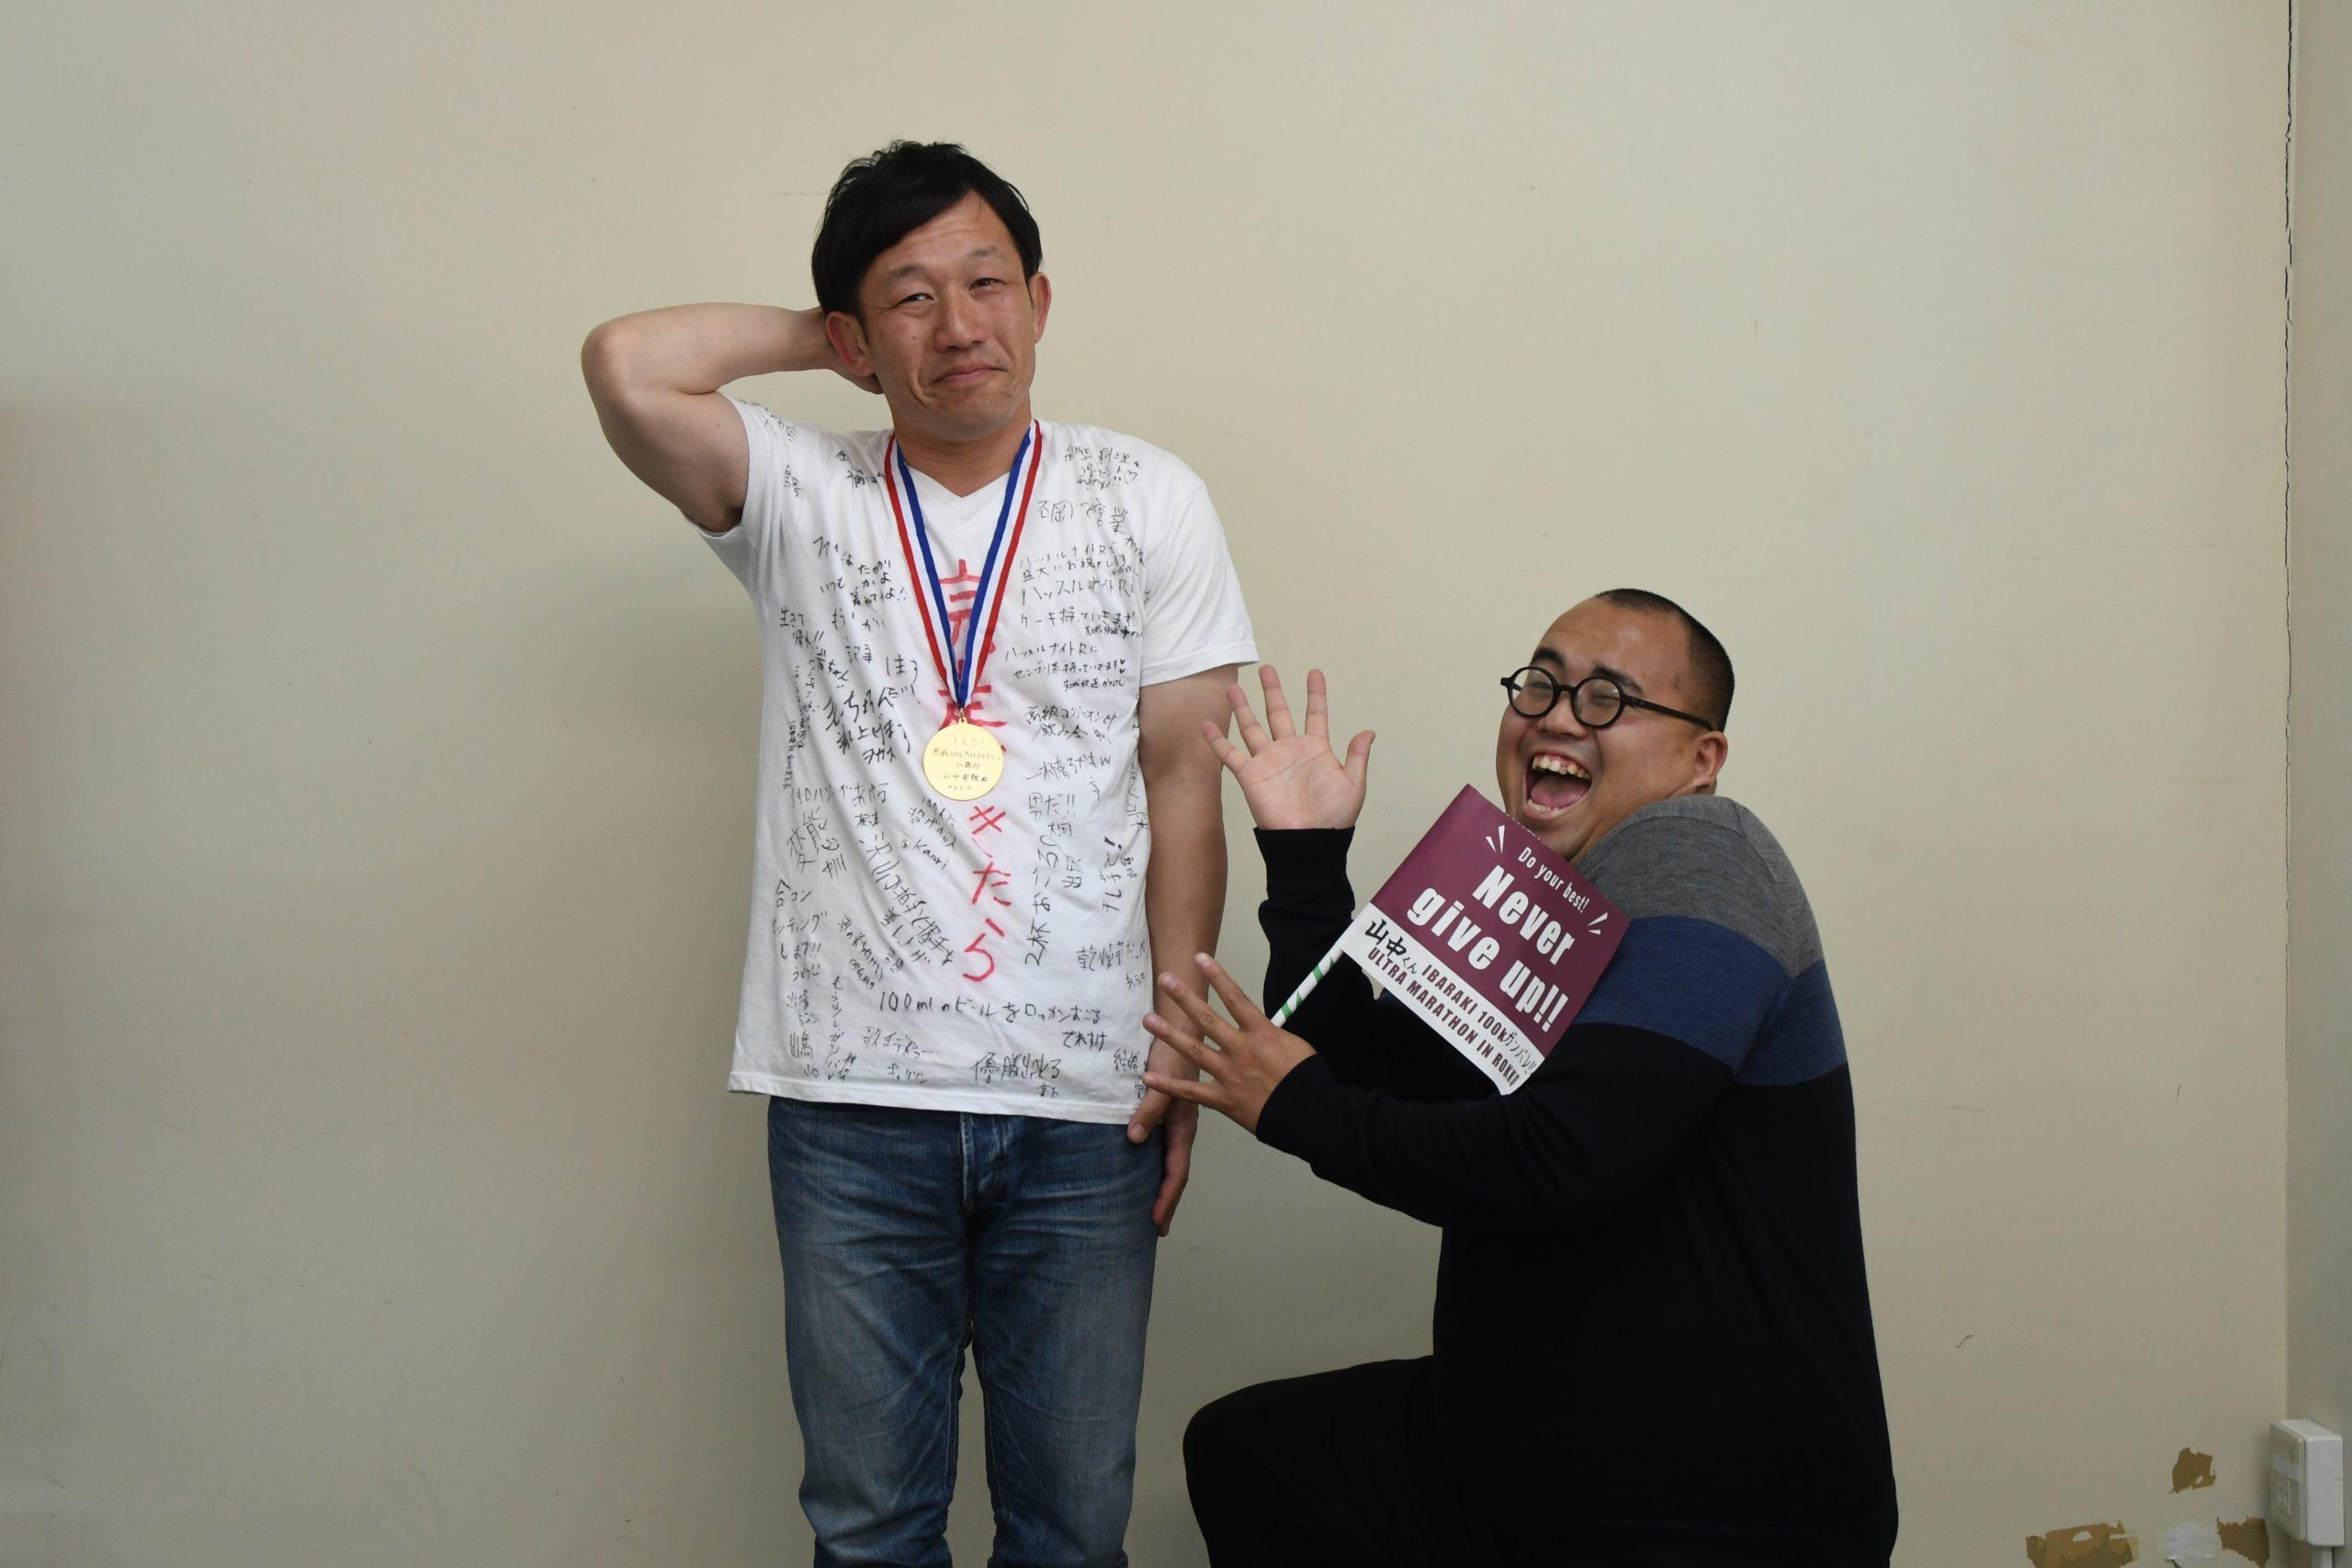 山中さんをたたえるでれすけさん(写真右)と、苦笑いする山中さん